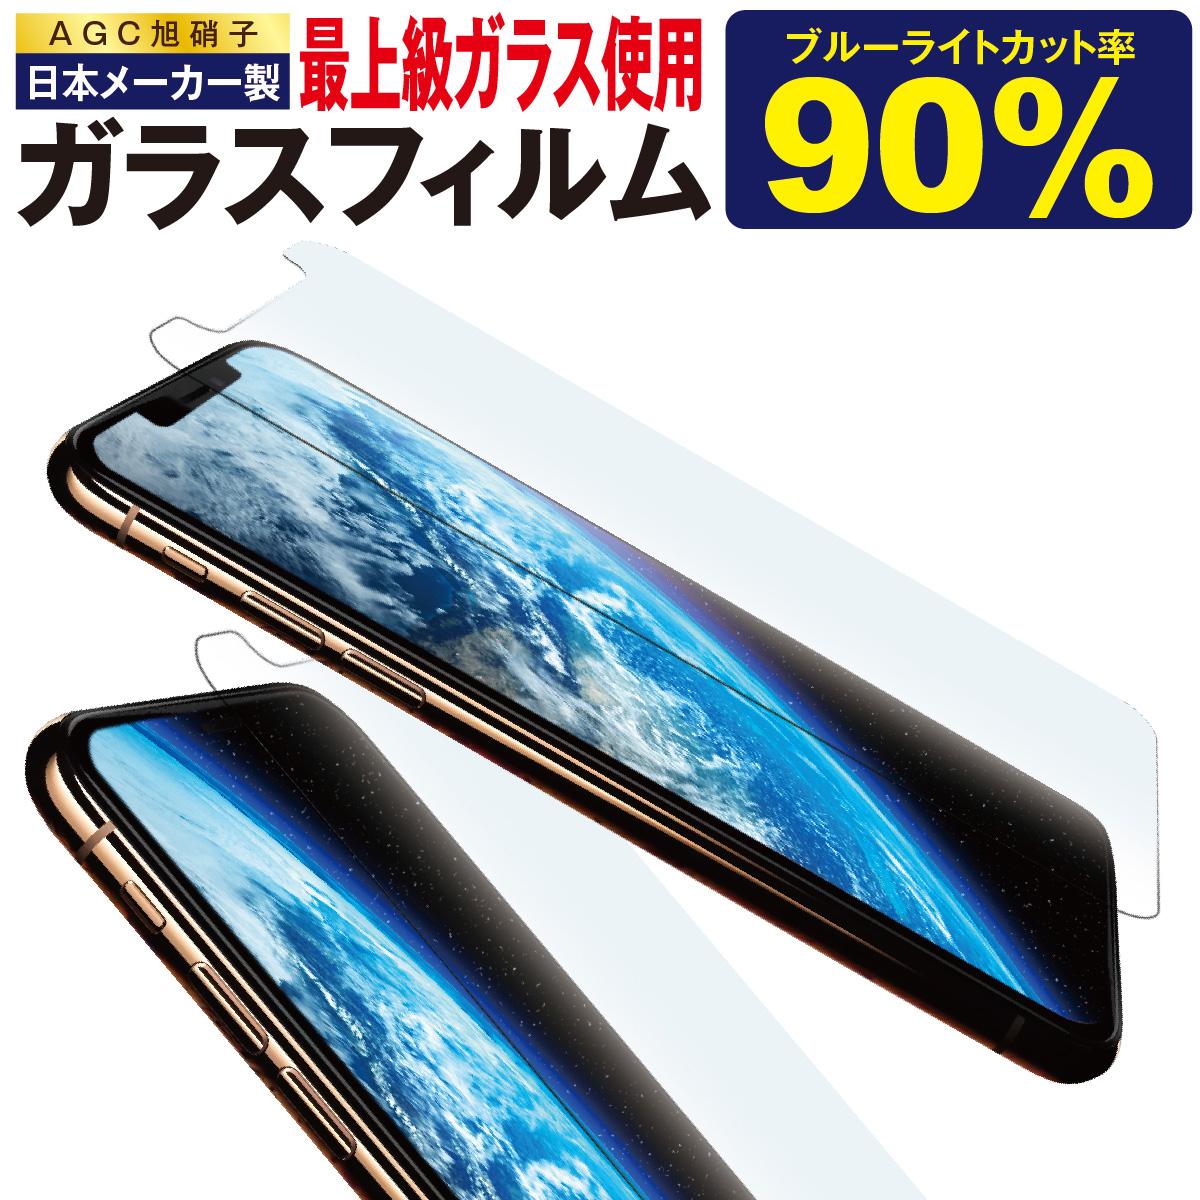 iPhone12 11 XS iPhoneSE 液晶と目を徹底保護 最高レベル90%カット 日本メーカー製最上級ガラス使用 強化ガラスフィルム arrows Be4 Plus 売れ筋 らくらくスマートフォン F-42A 安心と信頼 ブルーライトカット フィルム ガラスフィルム ブルーライト SE Max iPhoneX iPhone Xper XR mini 12 iPhone7 保護フィルム iPhone8 iPhone6s Pro iphone11 強化ガラス Xs